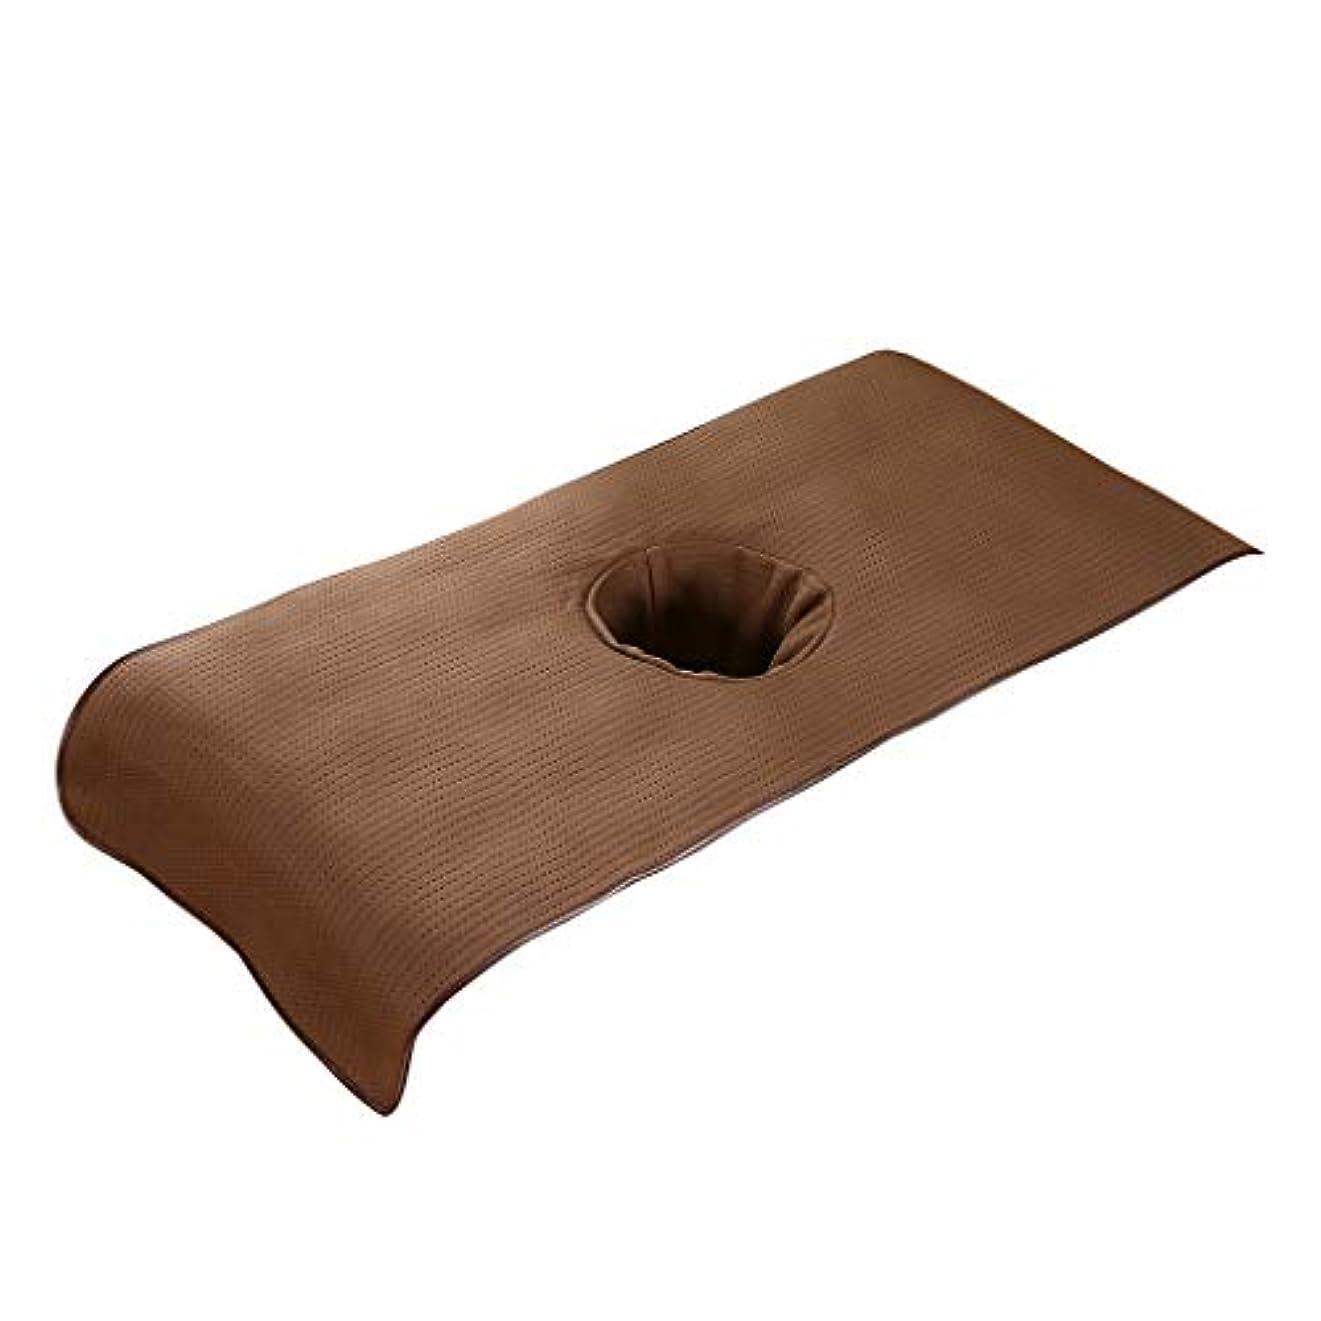 ジェームズダイソン悪性枠KESOTO スパ マッサージベッドカバー 有孔 美容ベッドカバー マッサージテーブルスカート 快適 通気性 - 褐色